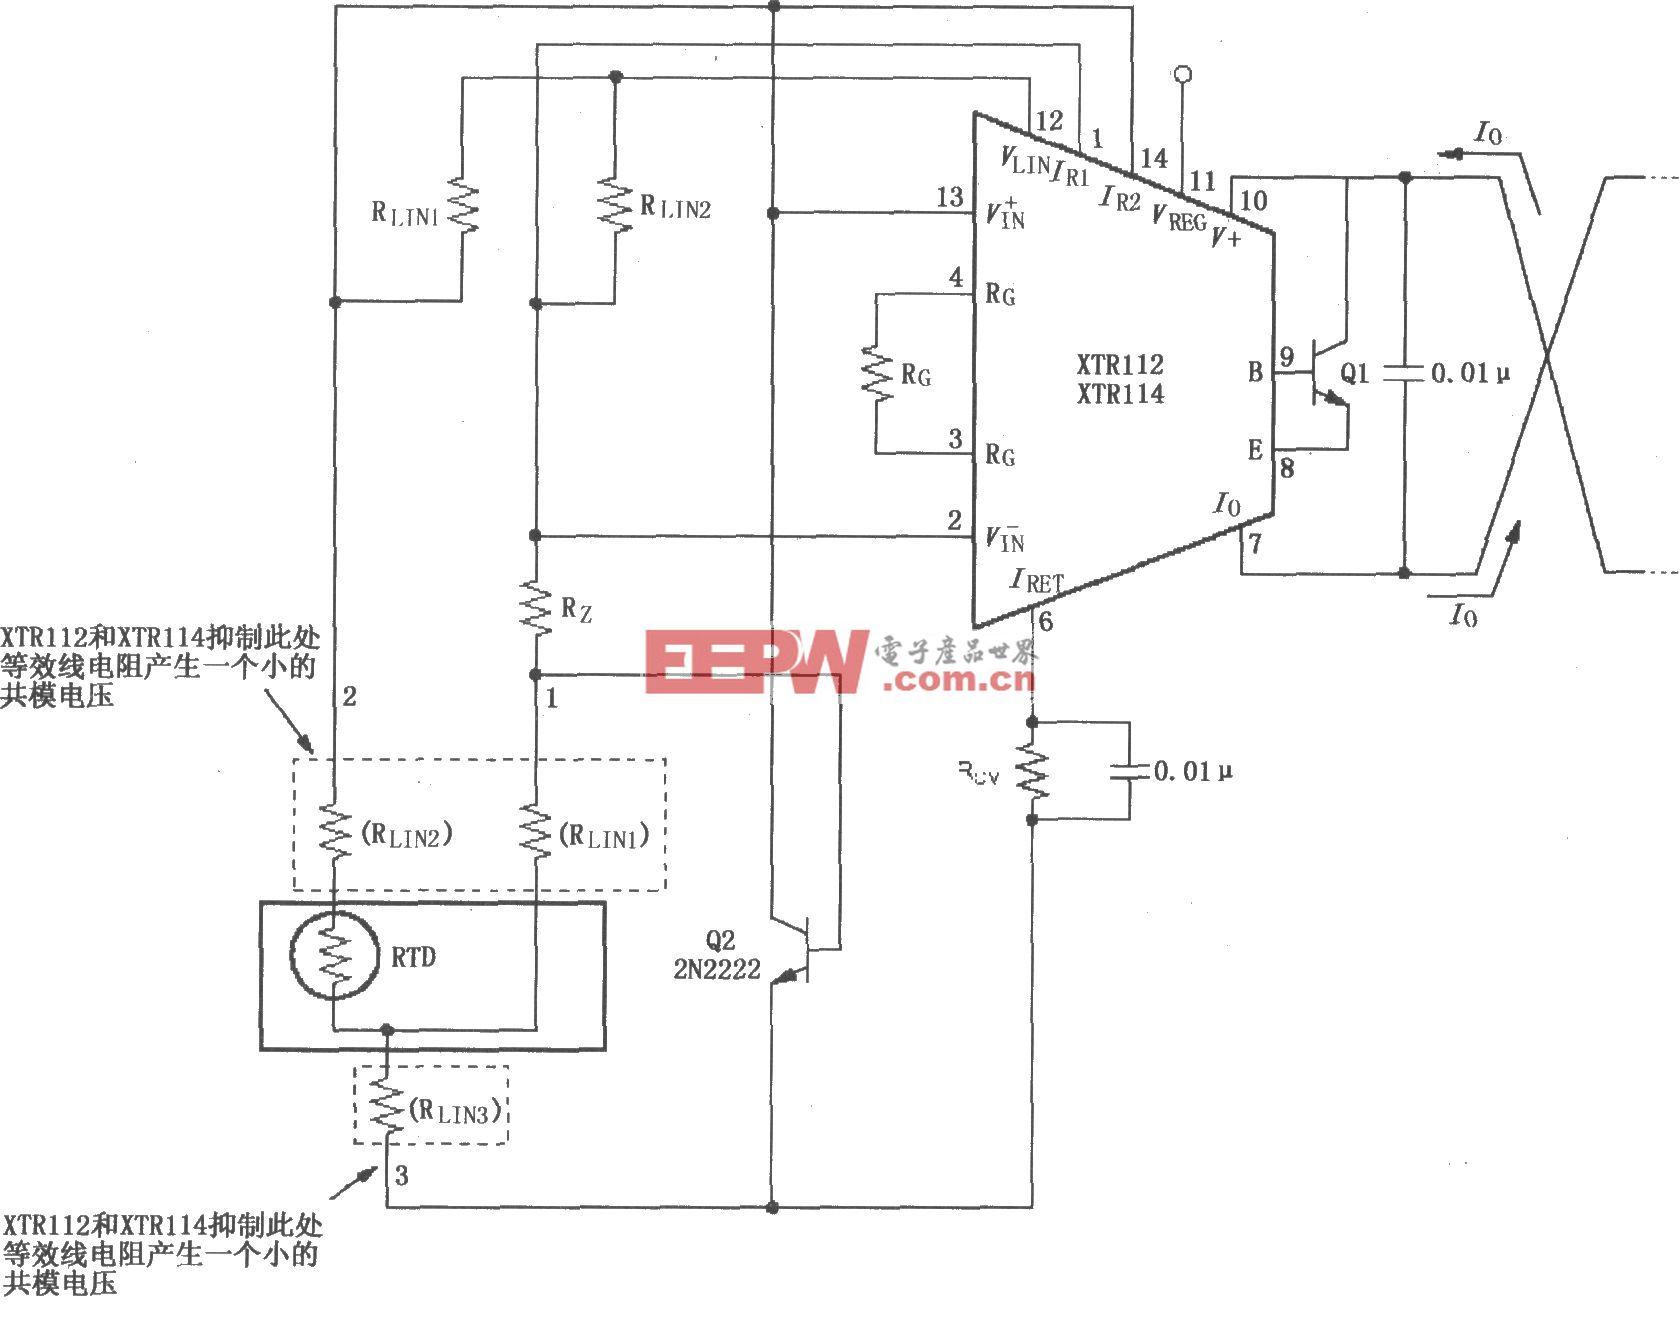 XTR112/114三线远程电阻式热探测器连接电路